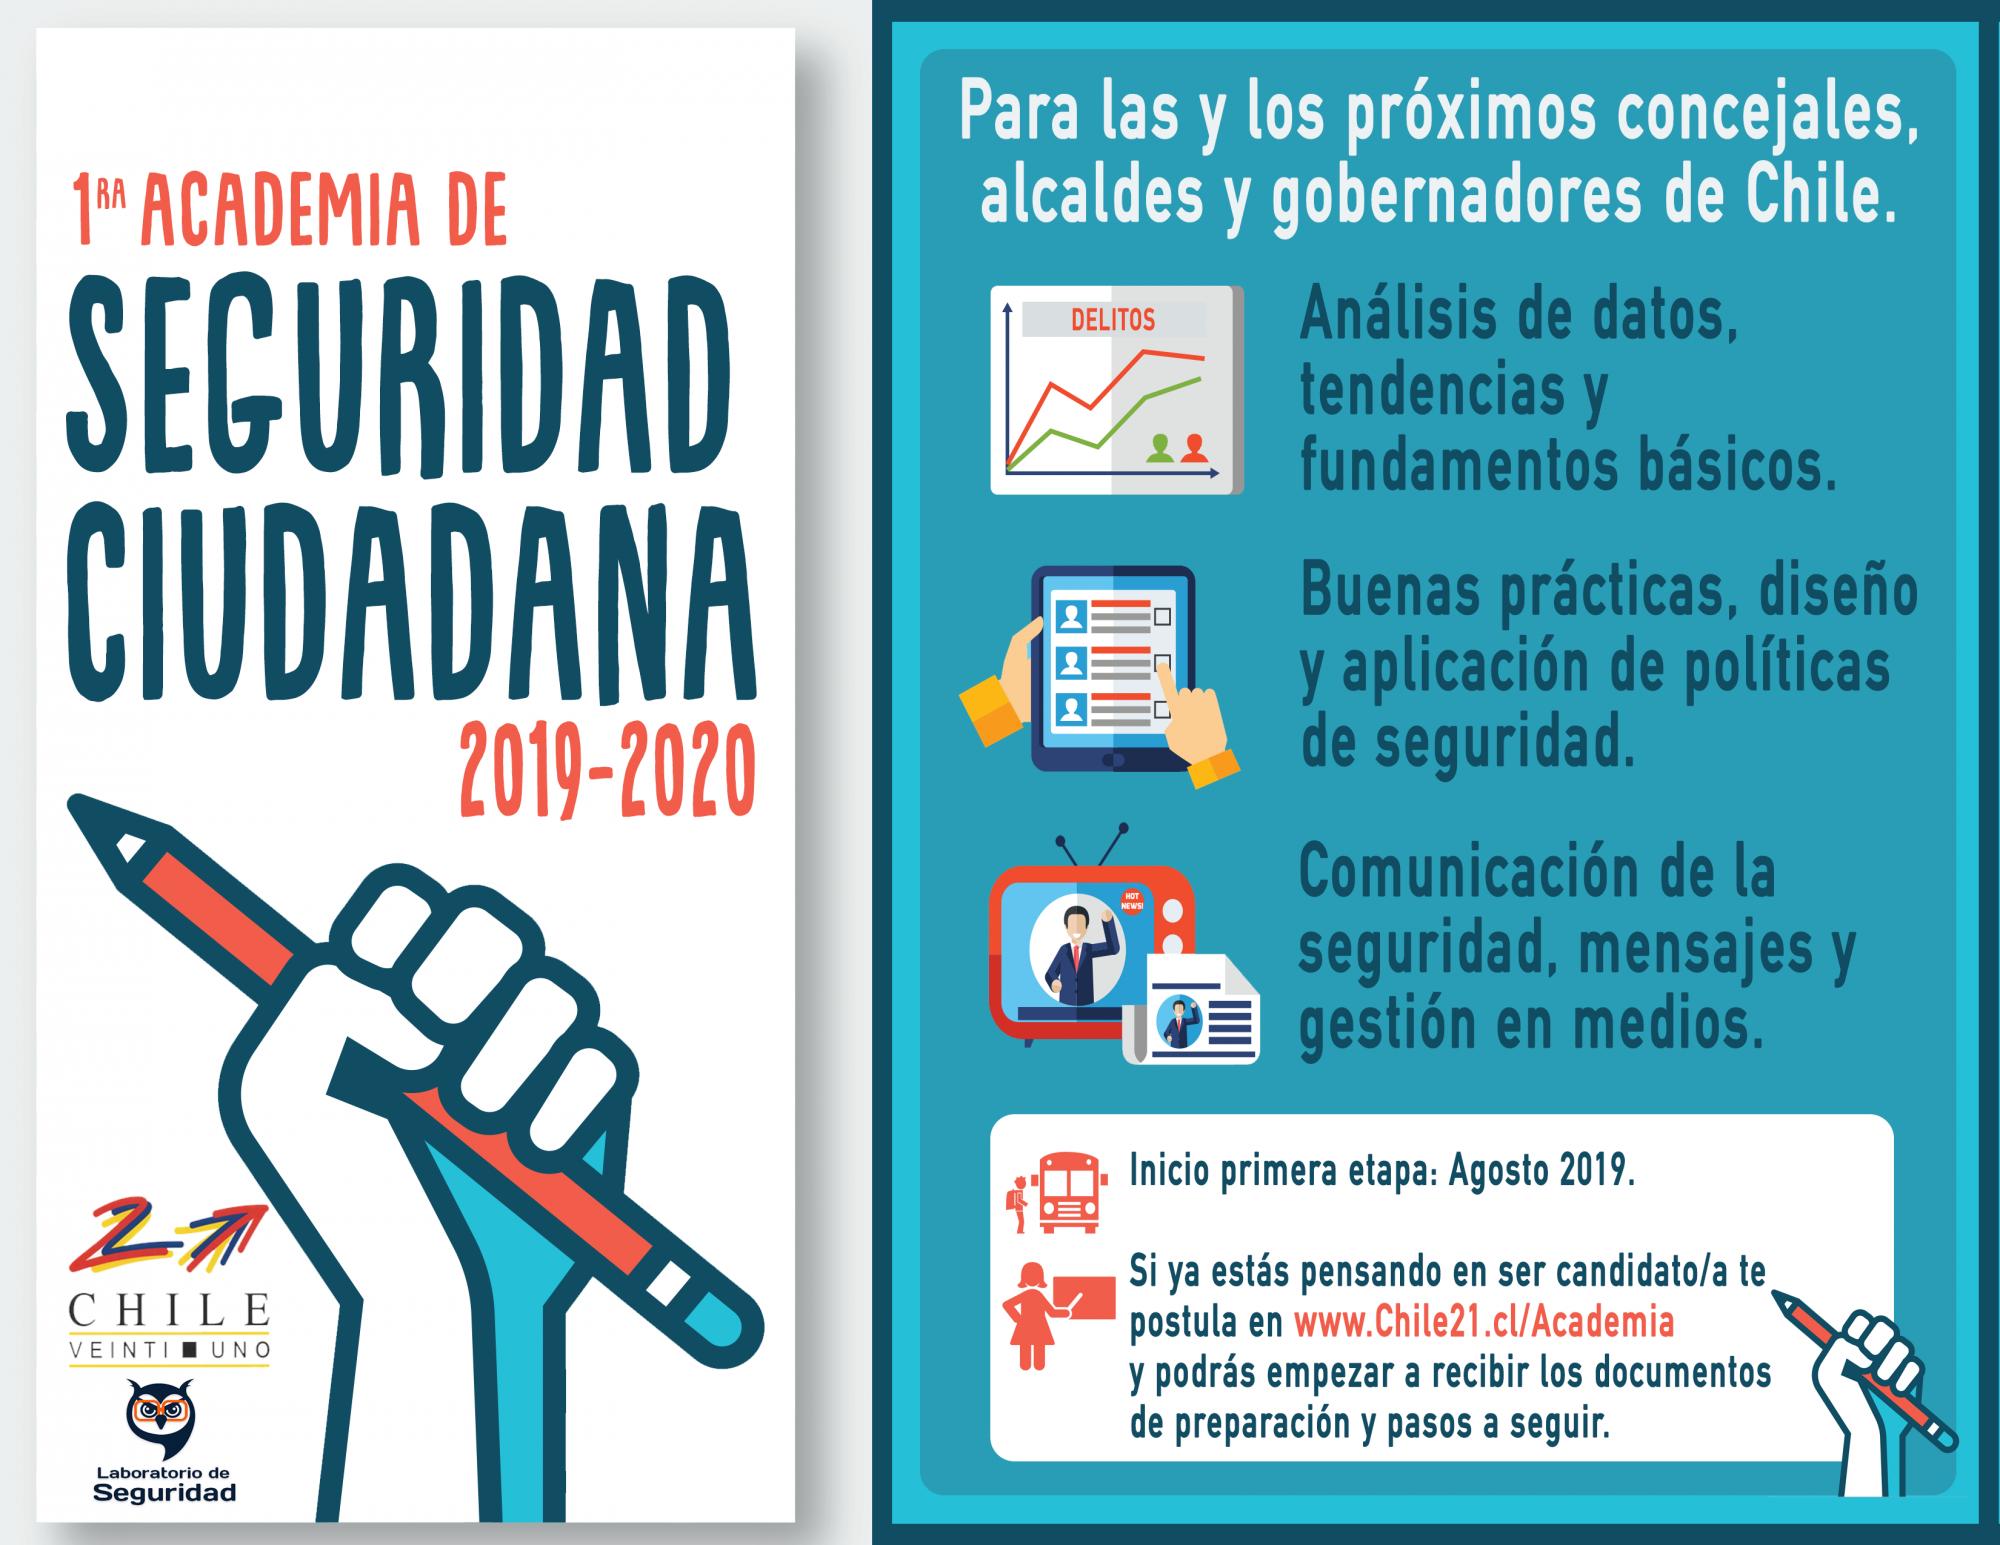 Academia de Seguridad Ciudadana de Chile 21